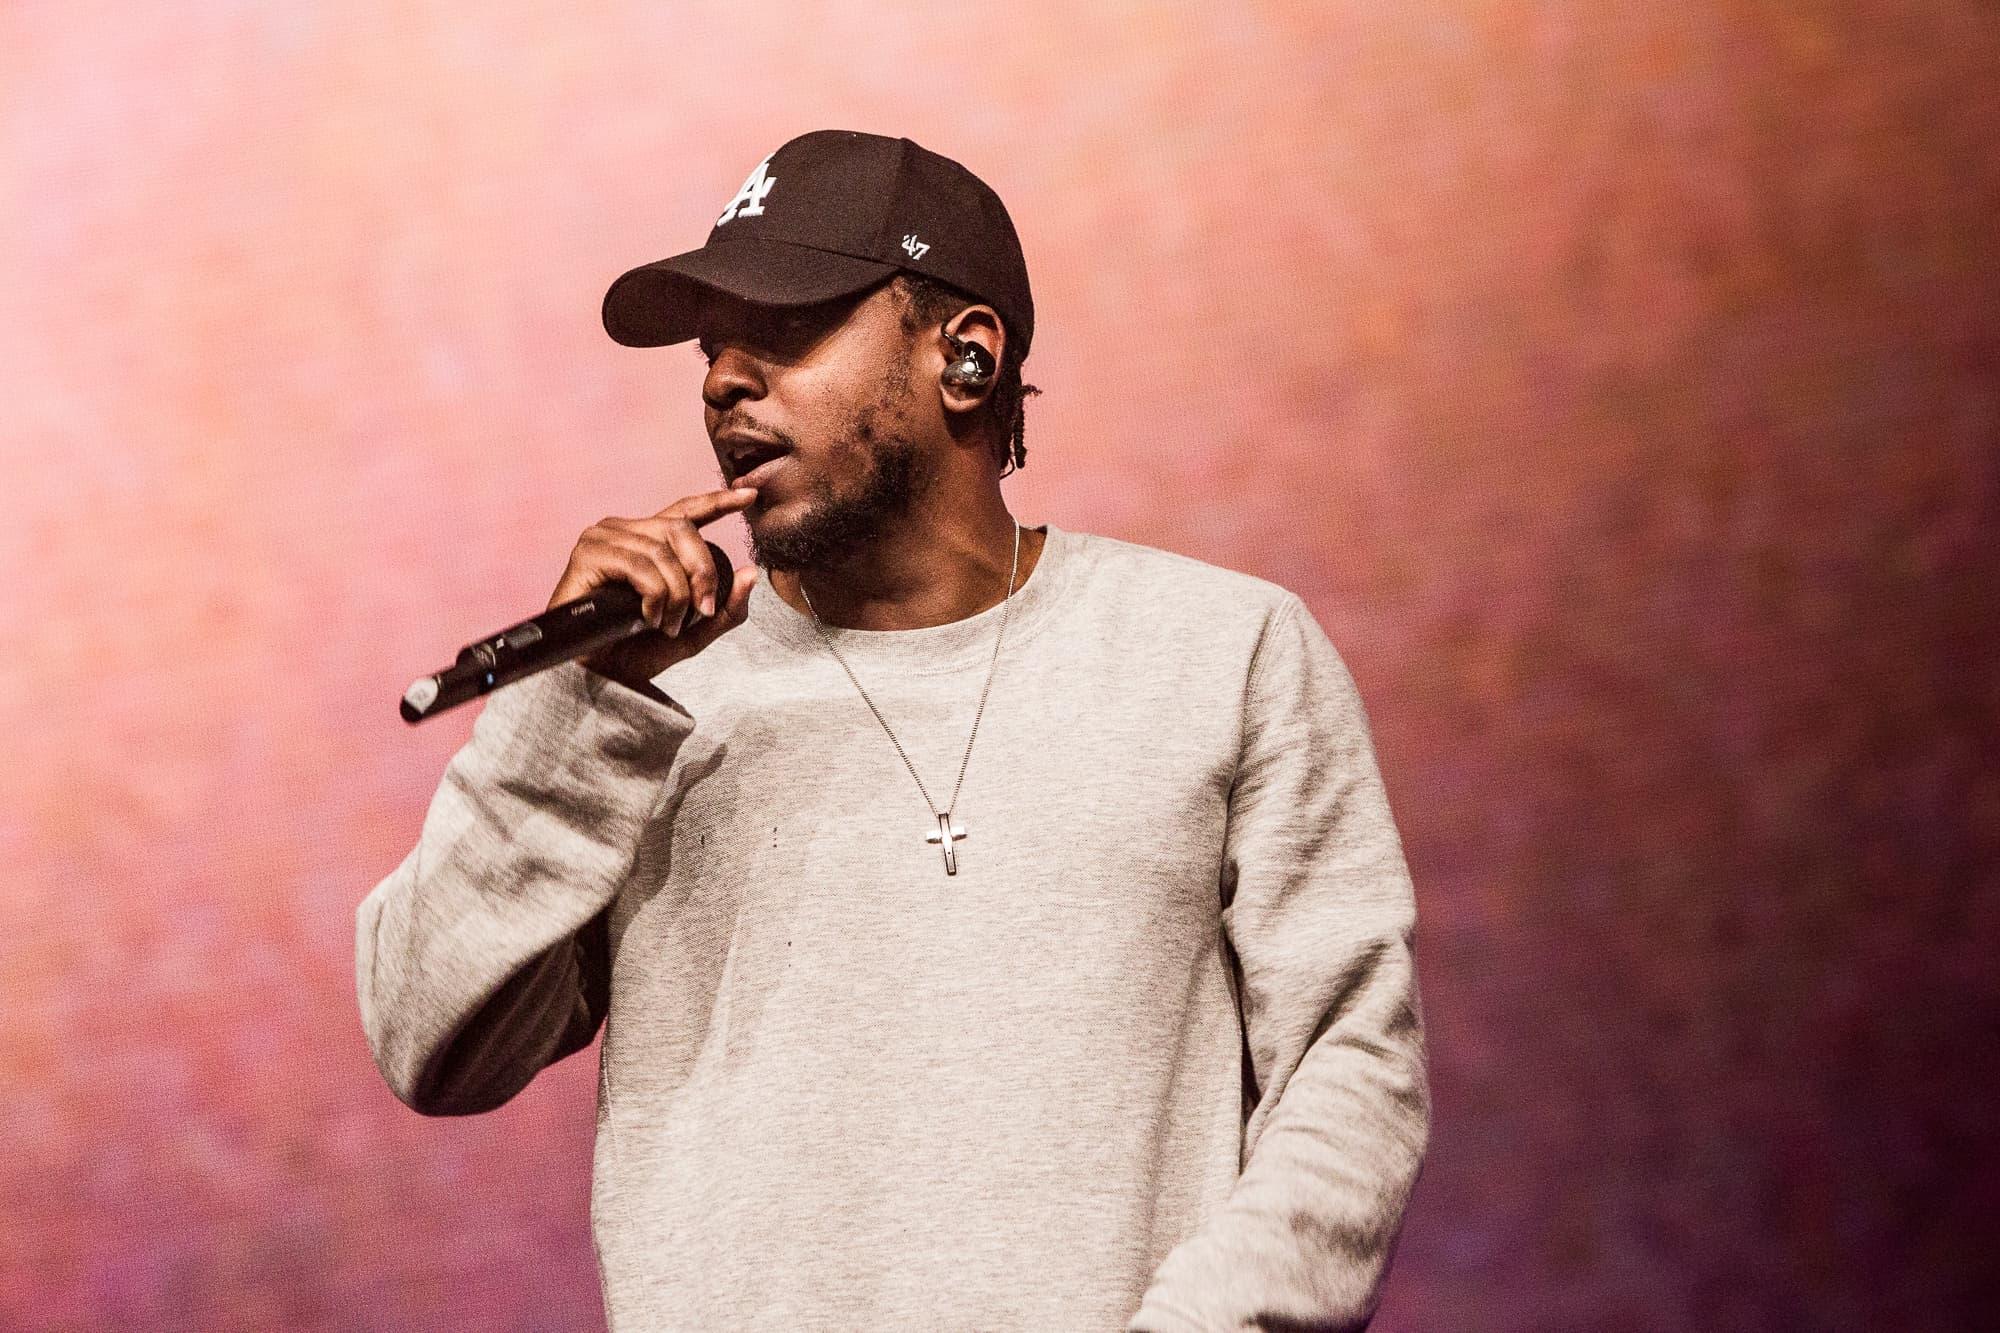 Kendrick Lamar Hd Iphone Wallpaper